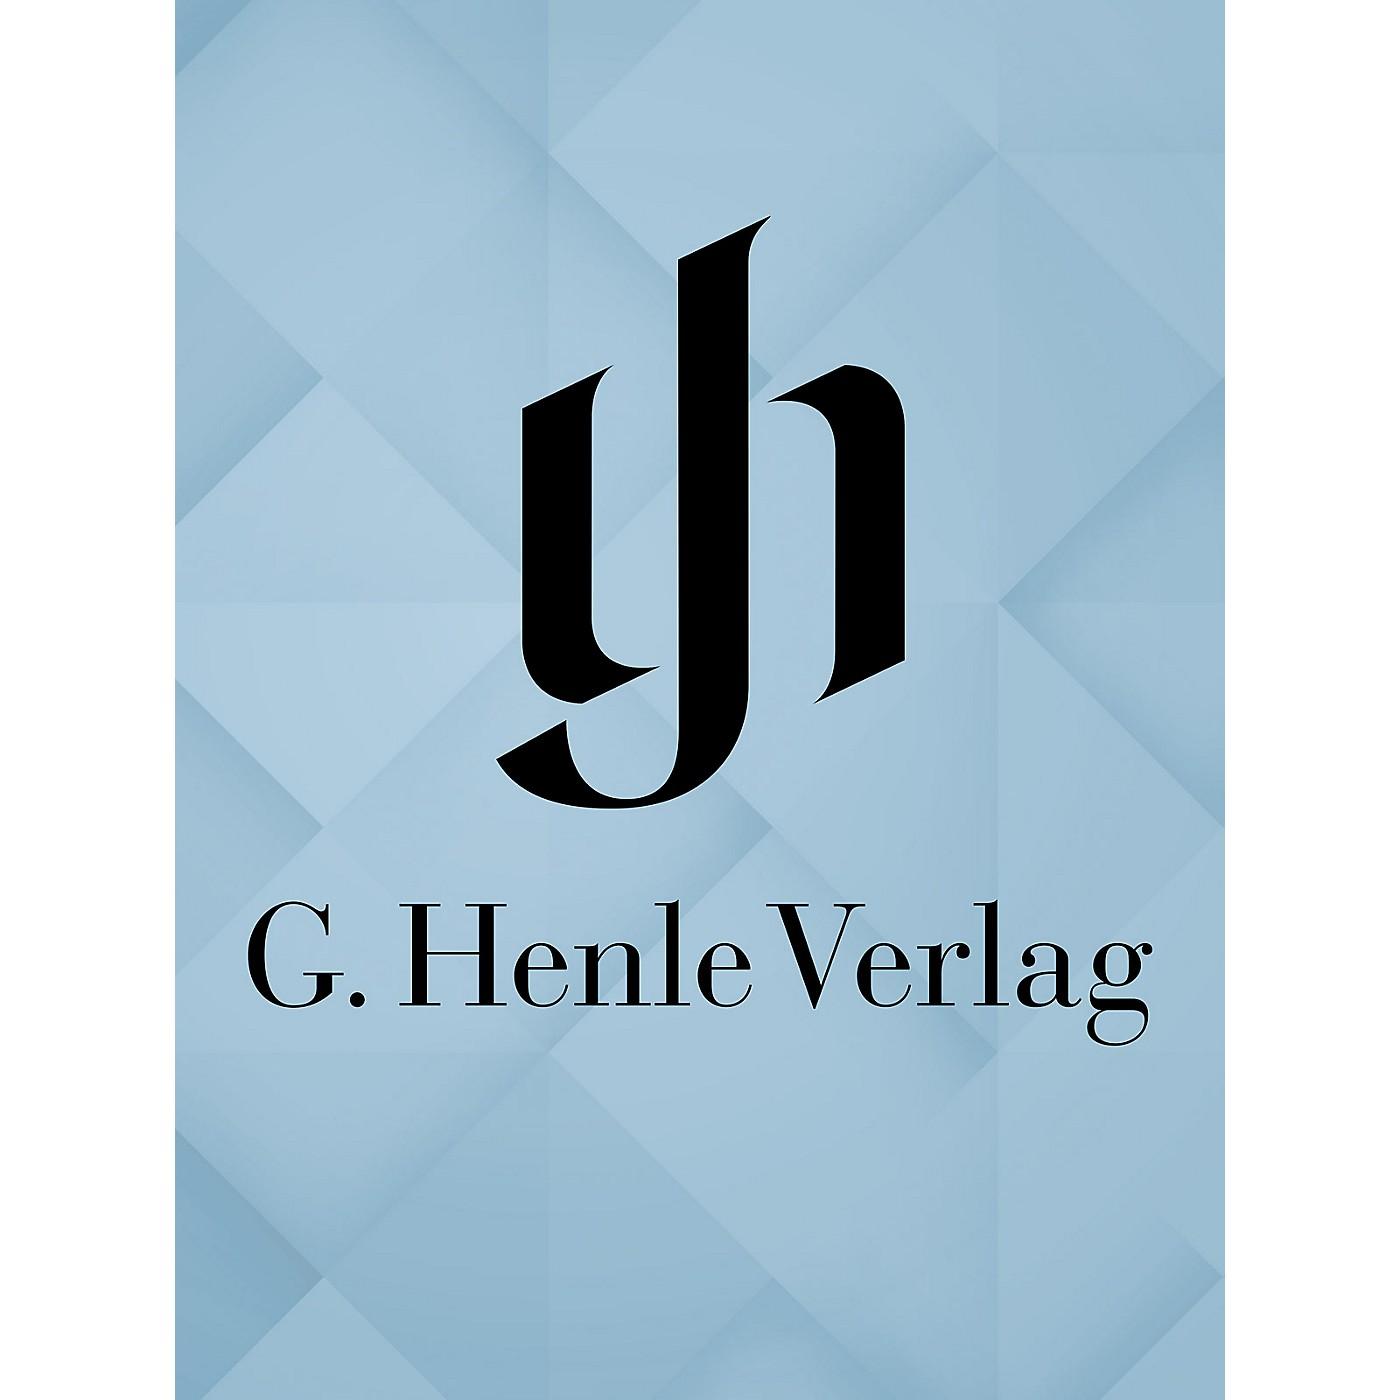 G. Henle Verlag Goethes Lieder, Oden, Balladen und Romanzen mit Musik Teil I Henle Monuments of Music Series Hardcover thumbnail